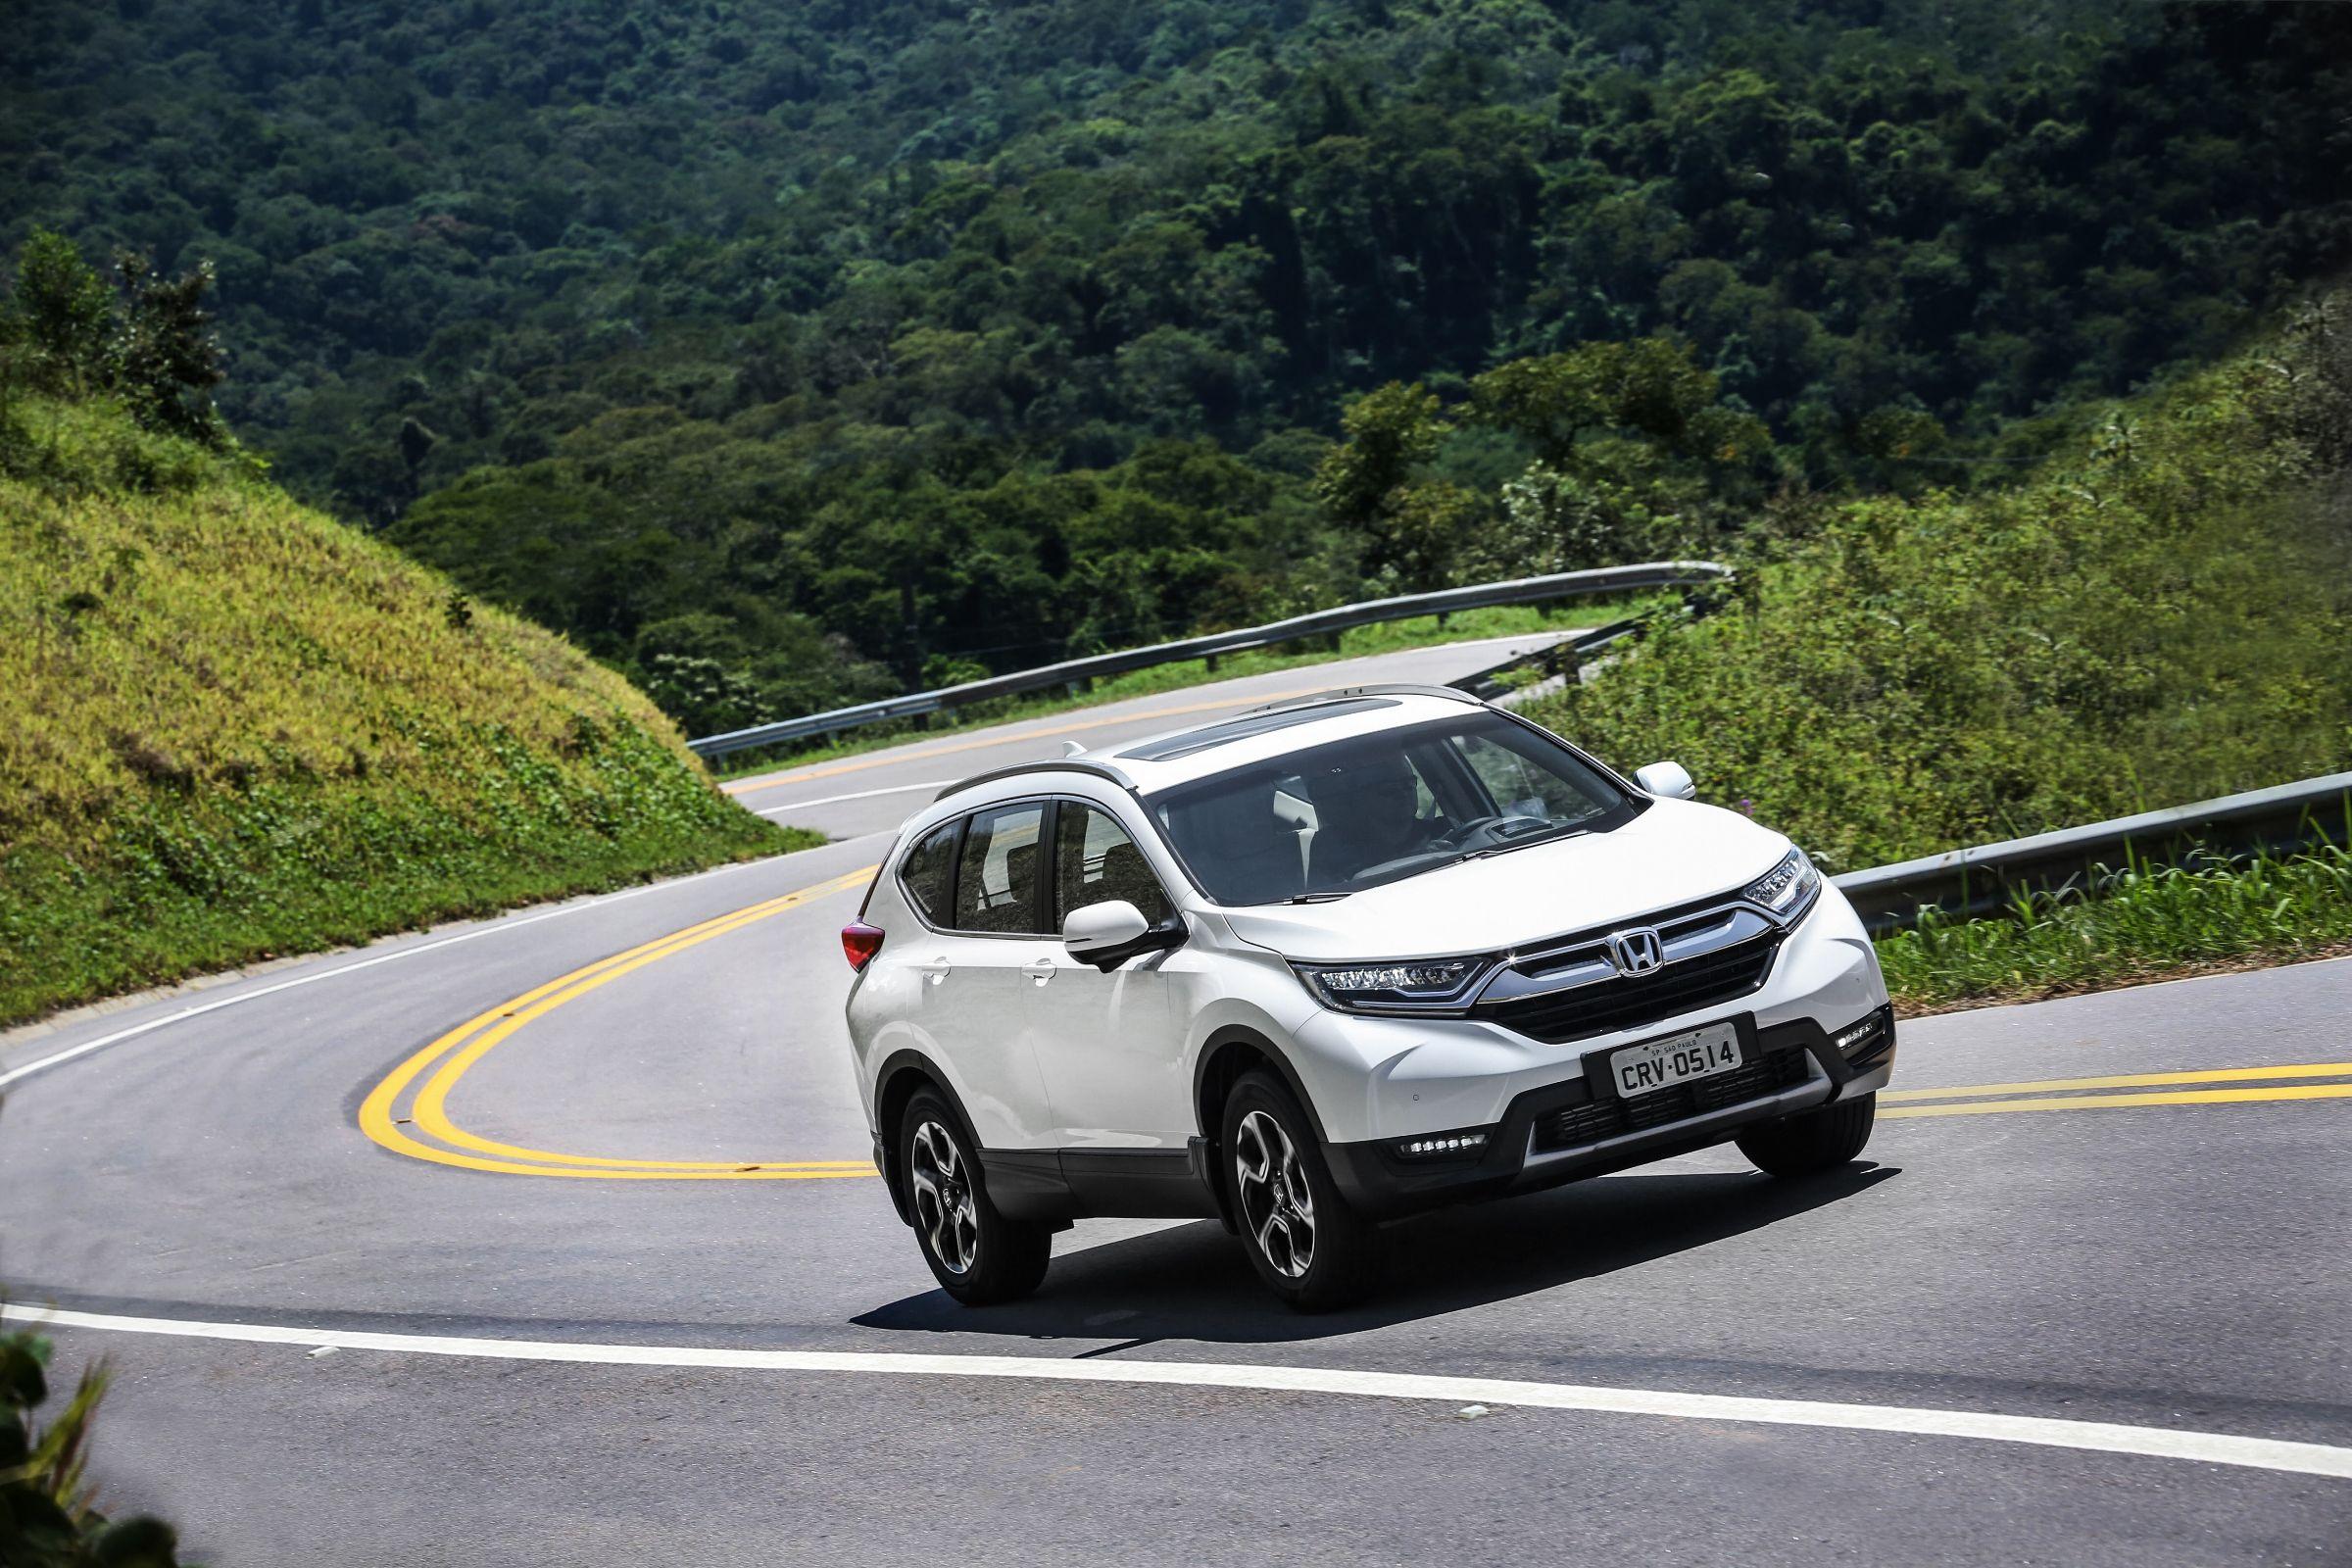 A Honda apresentou, na semana passada, dois modelos importados. Para não desagradar nenhum nicho de consumidores, trouxe para o Brasil as versões atualizadas dos modelos CR-V e Civic Si. Tanto o SUV quanto o esportivo são equipados com motor 1.5 turbo